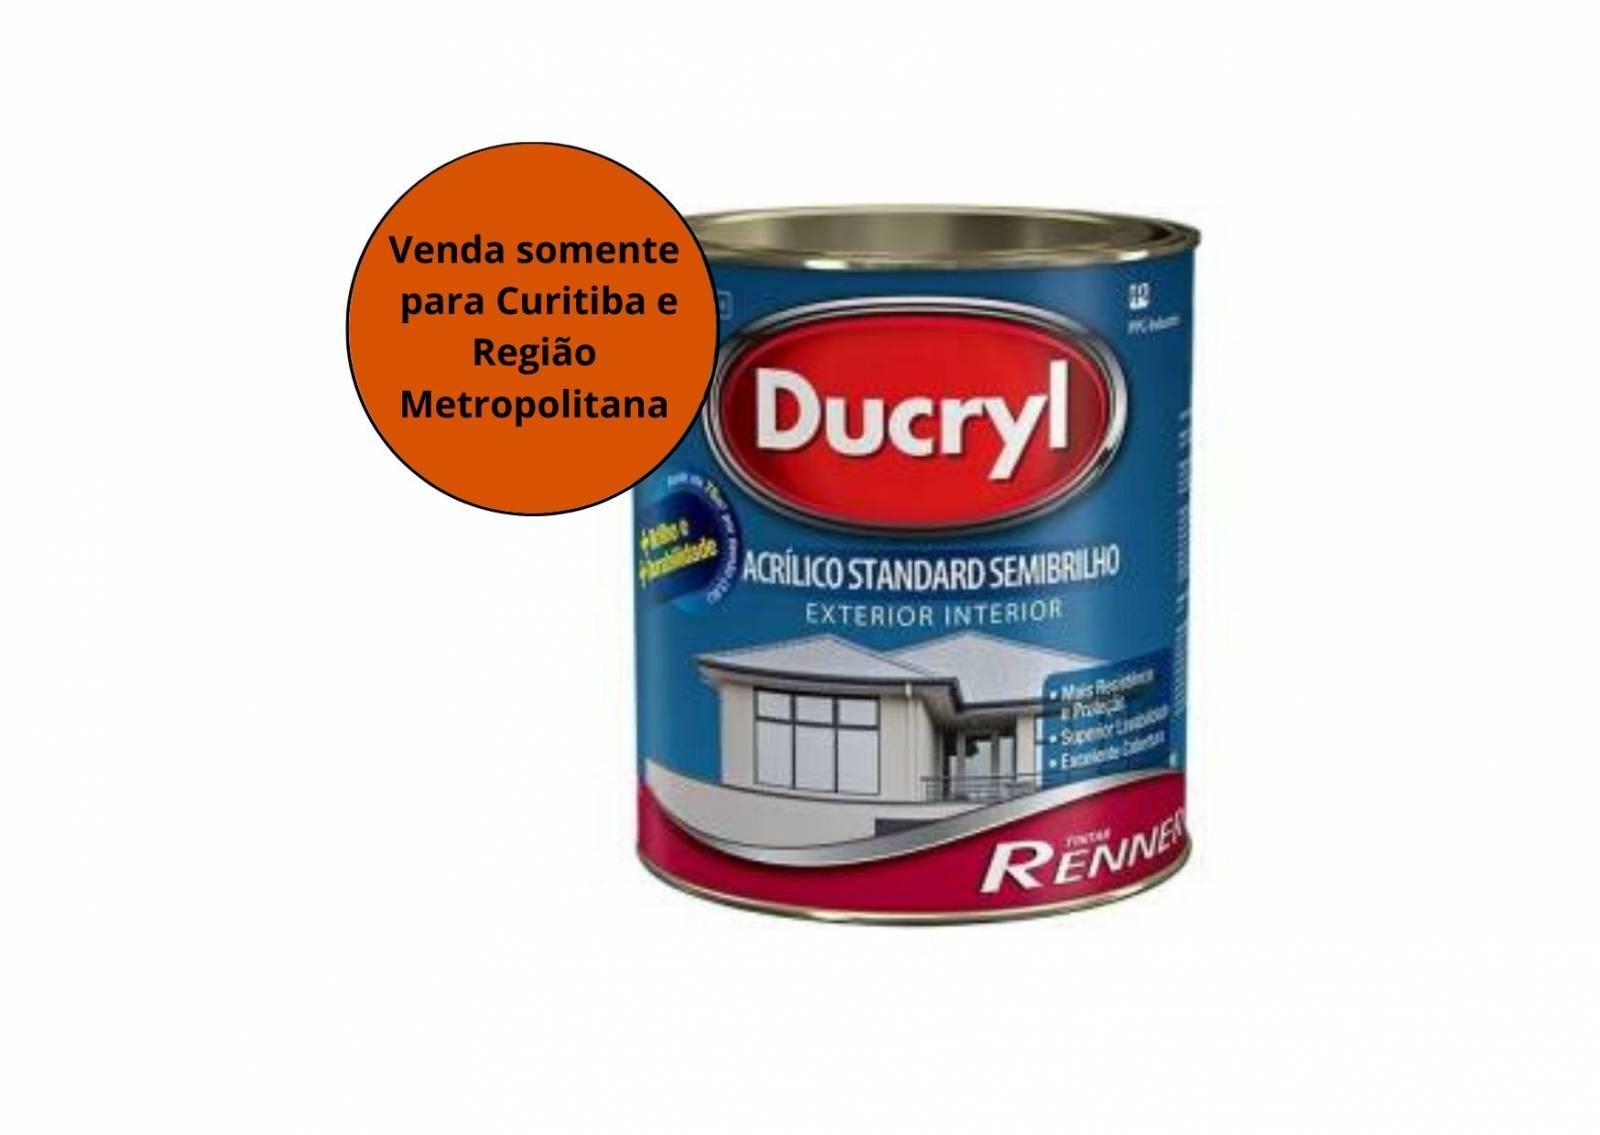 Tinta Acrílico Ducryl Fosca  Renner - MATERGI MATERIAIS DE CONSTRUÇÃO